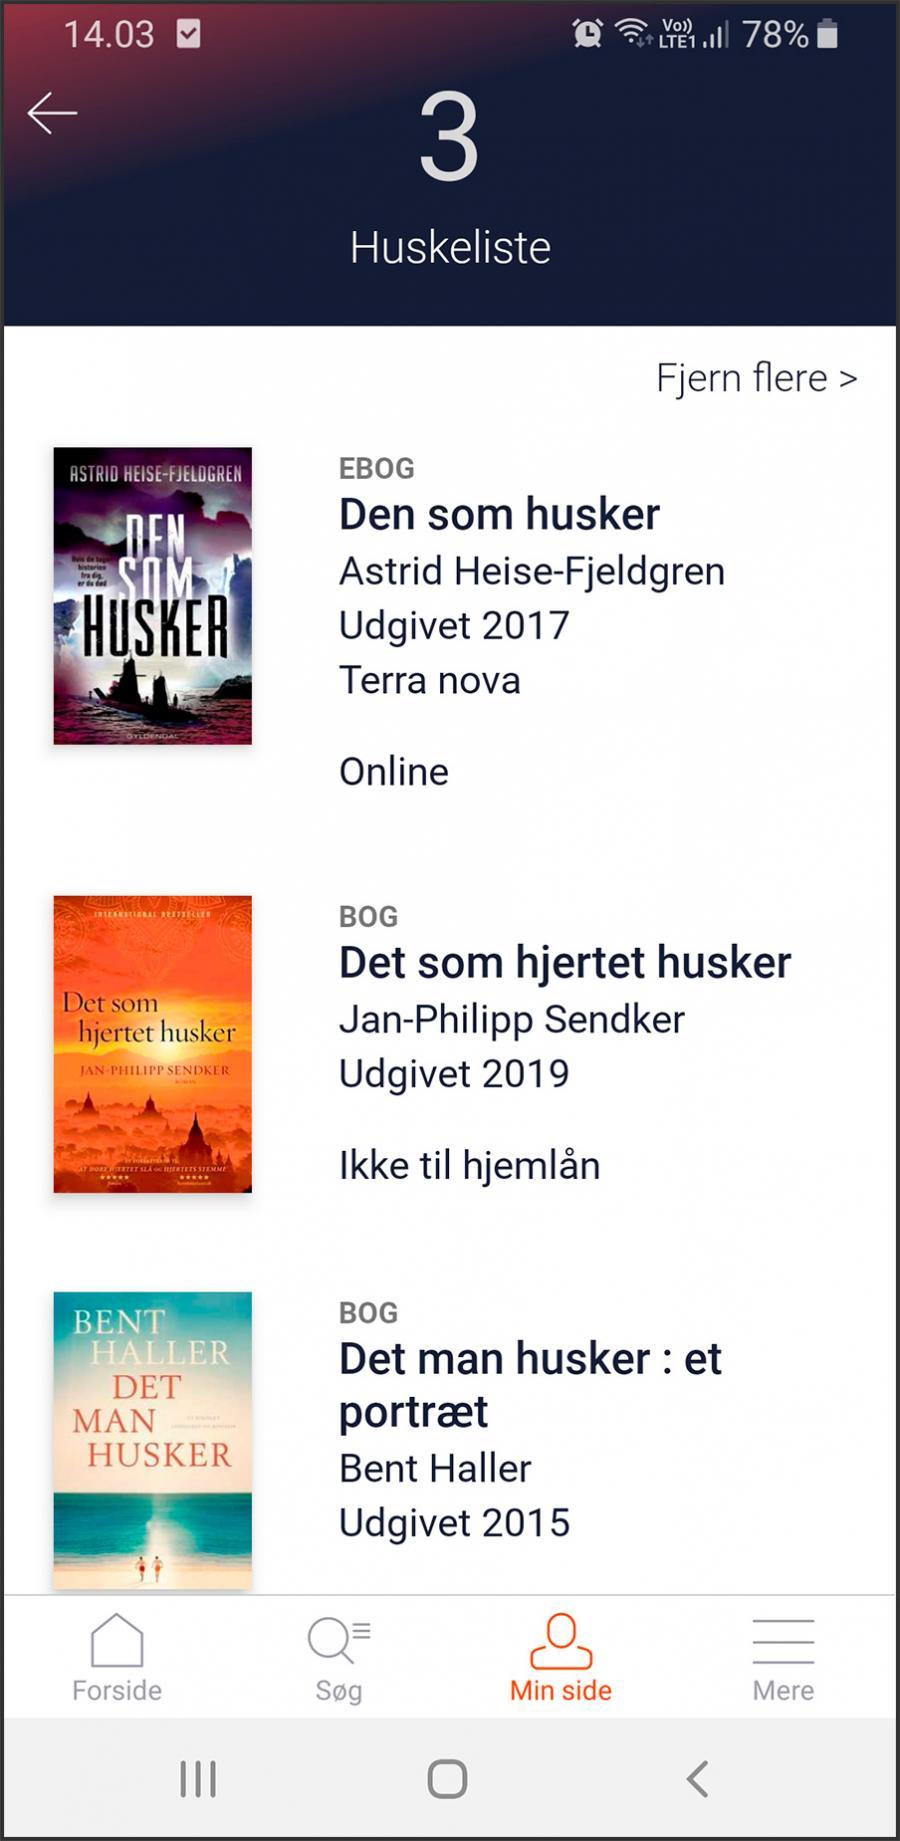 Tre bøger er tilføjet til huskelisten i app'en Biblioteket